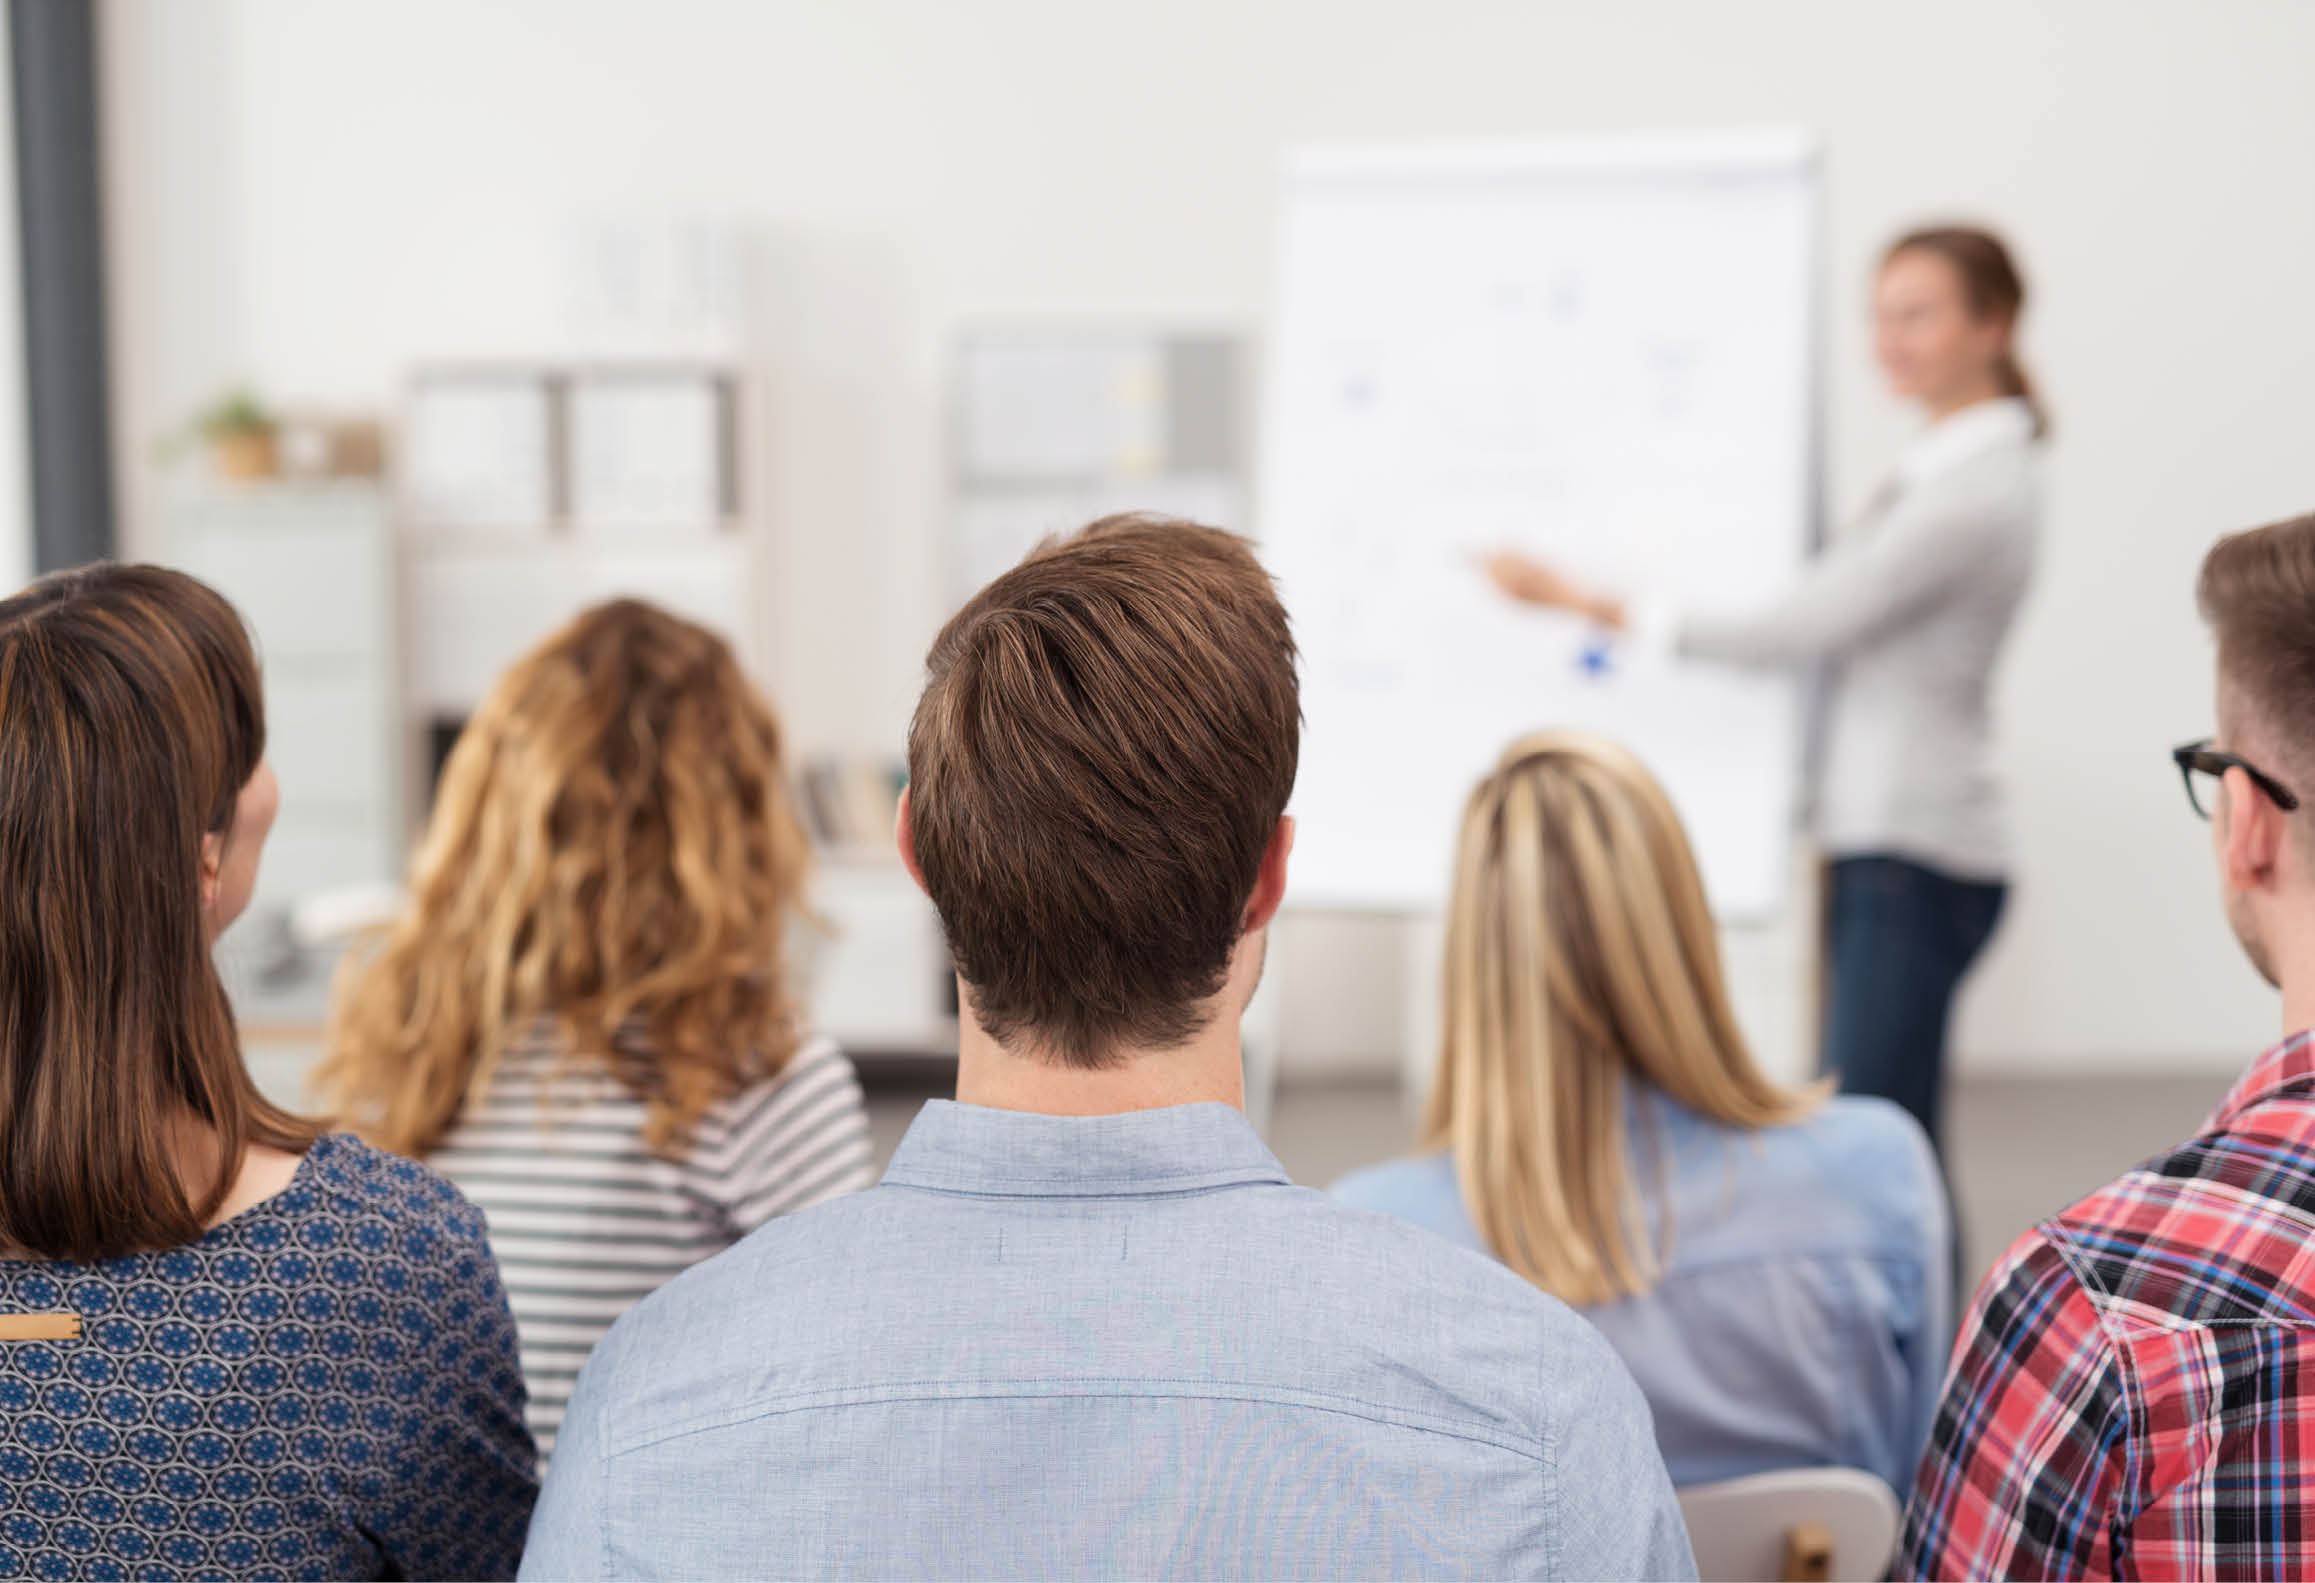 Elev presenterar vid en whiteboard framför en grupp människor